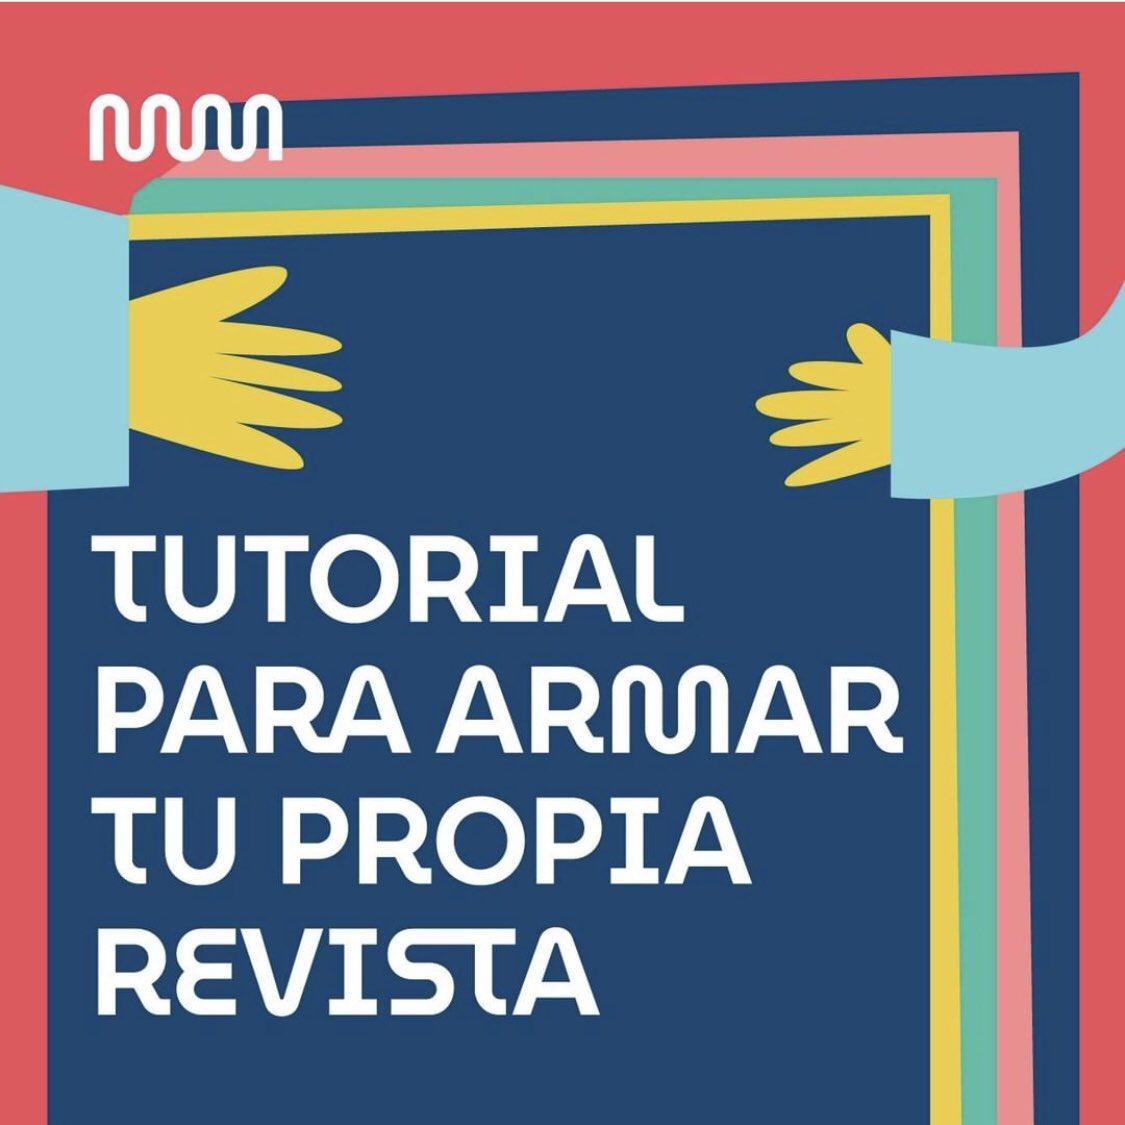 🎉 MuseoModerno in use: 😍 Museo de Arte Moderno de Buenos Aires. 🌈Graphic Design: Maylén Leita 🇦🇷 #TypefaceDesign #Custom #ModernArt #Illustration #VisualDesign #CorporateDesign